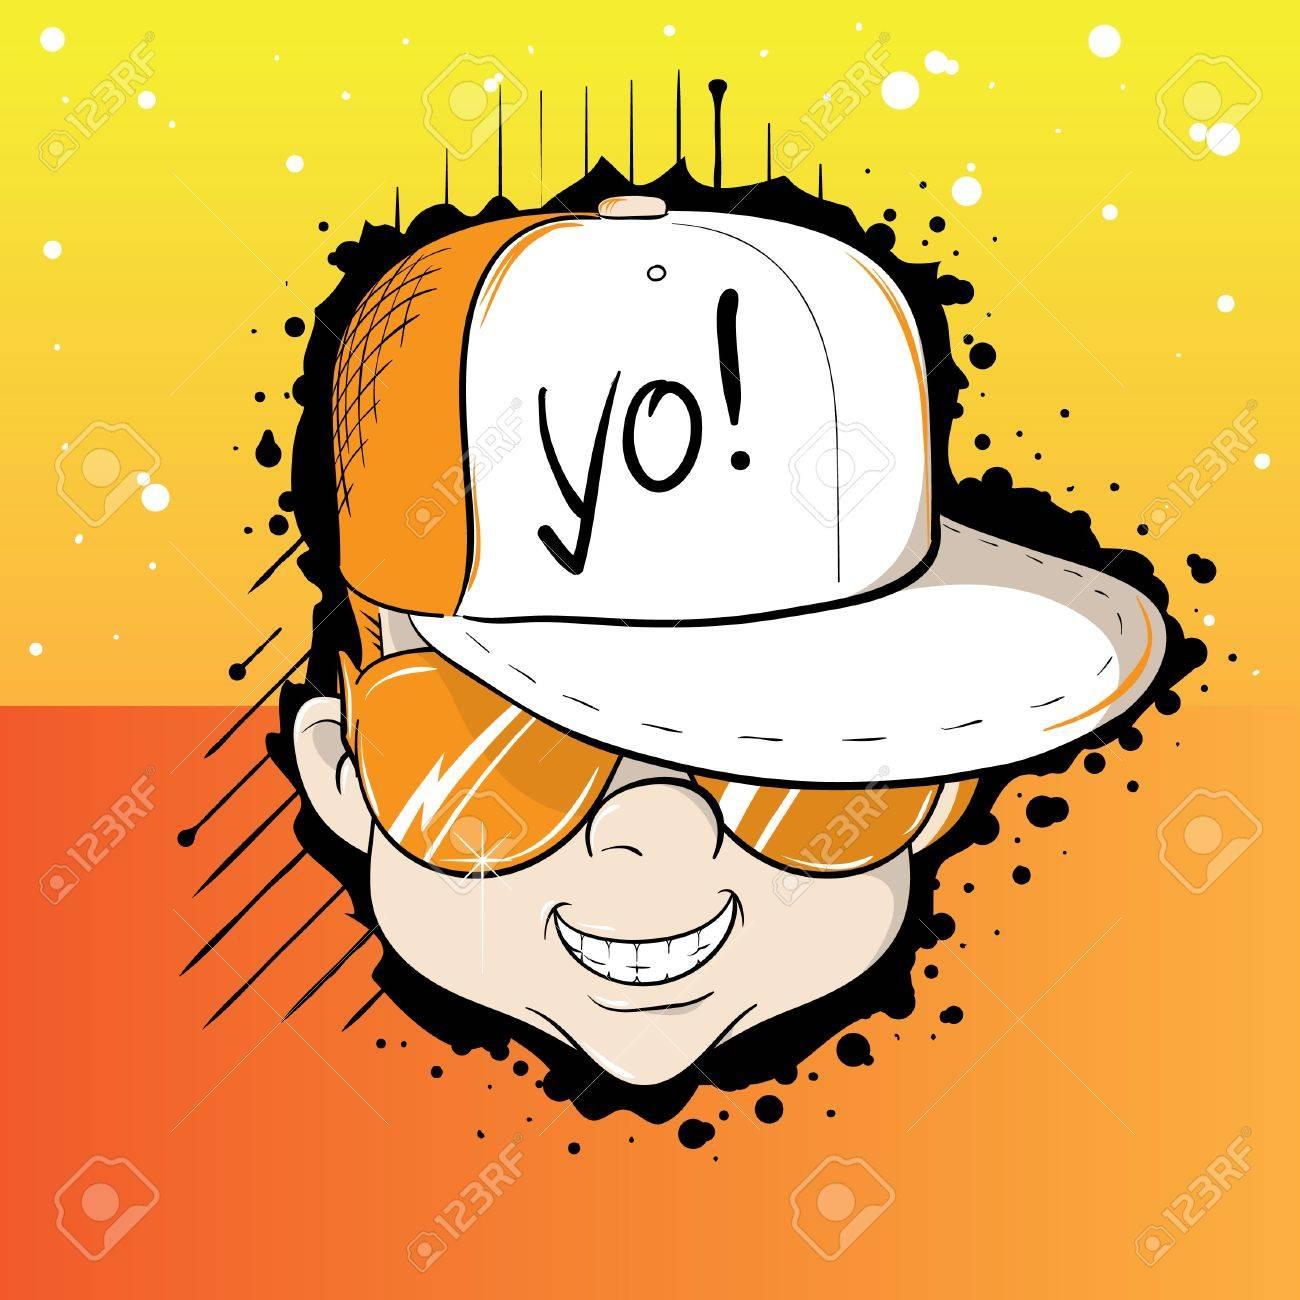 Yo Dude Stock Vector - 18706033